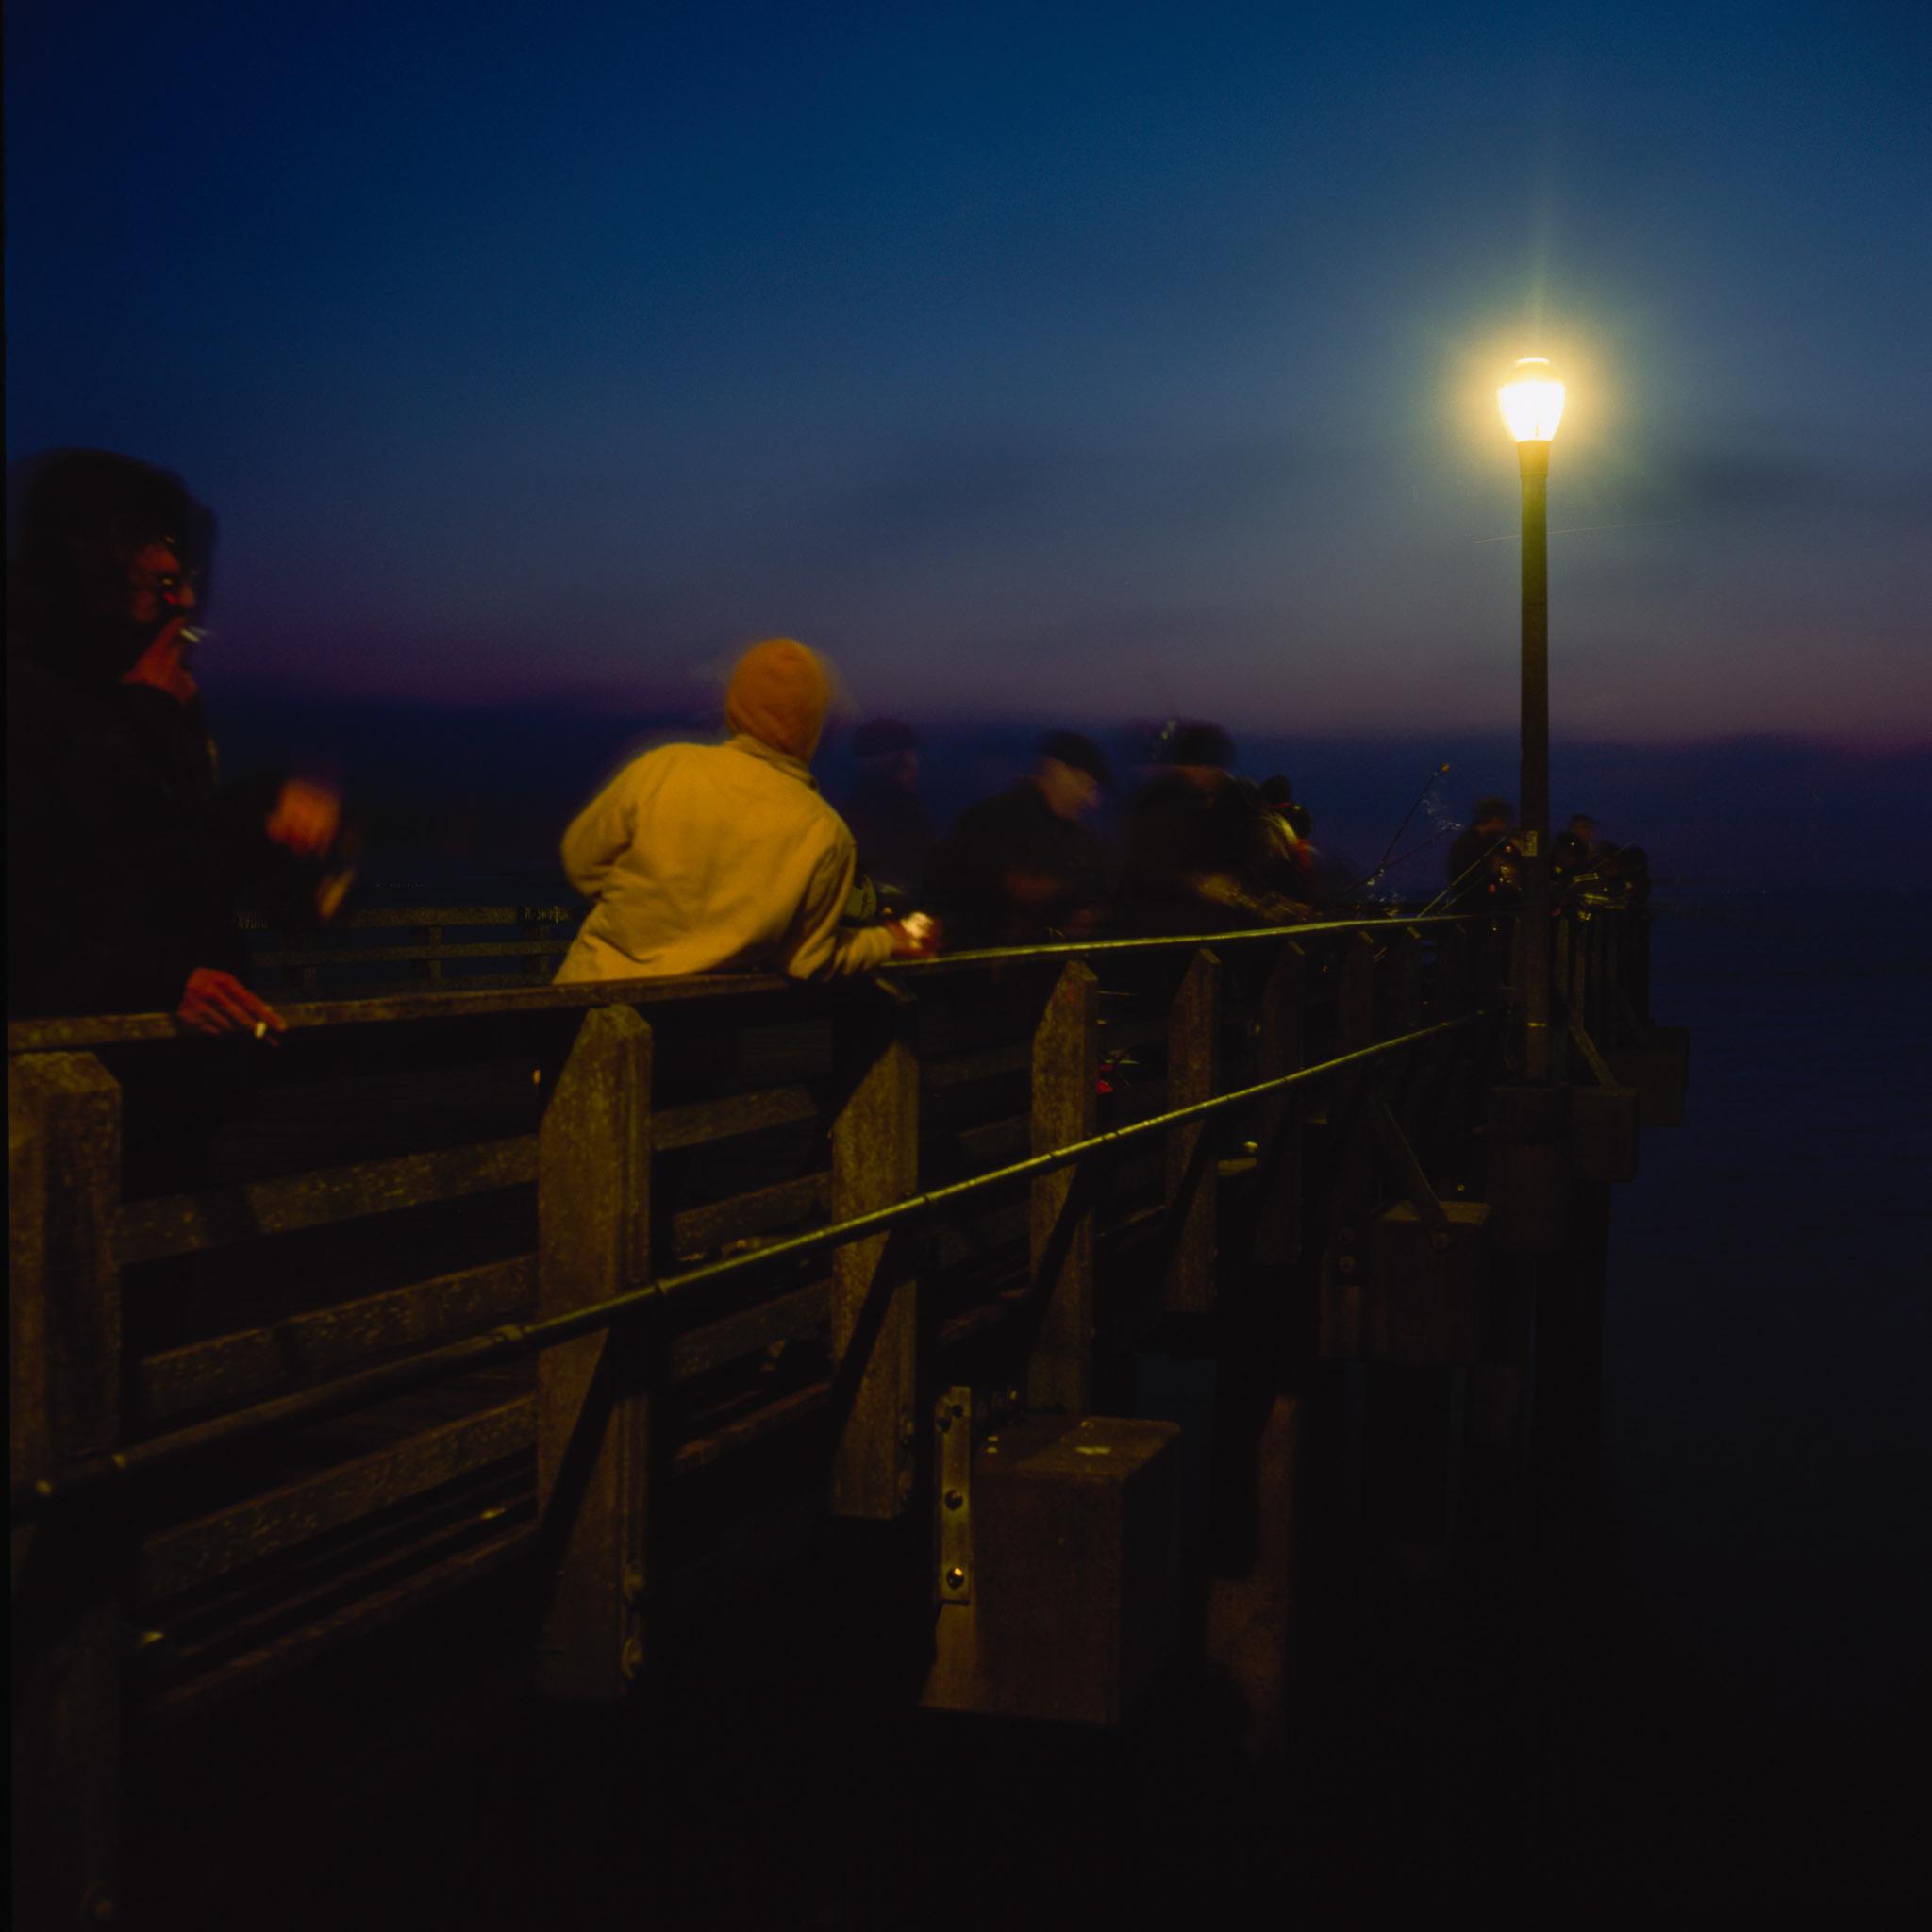 night fishing 2